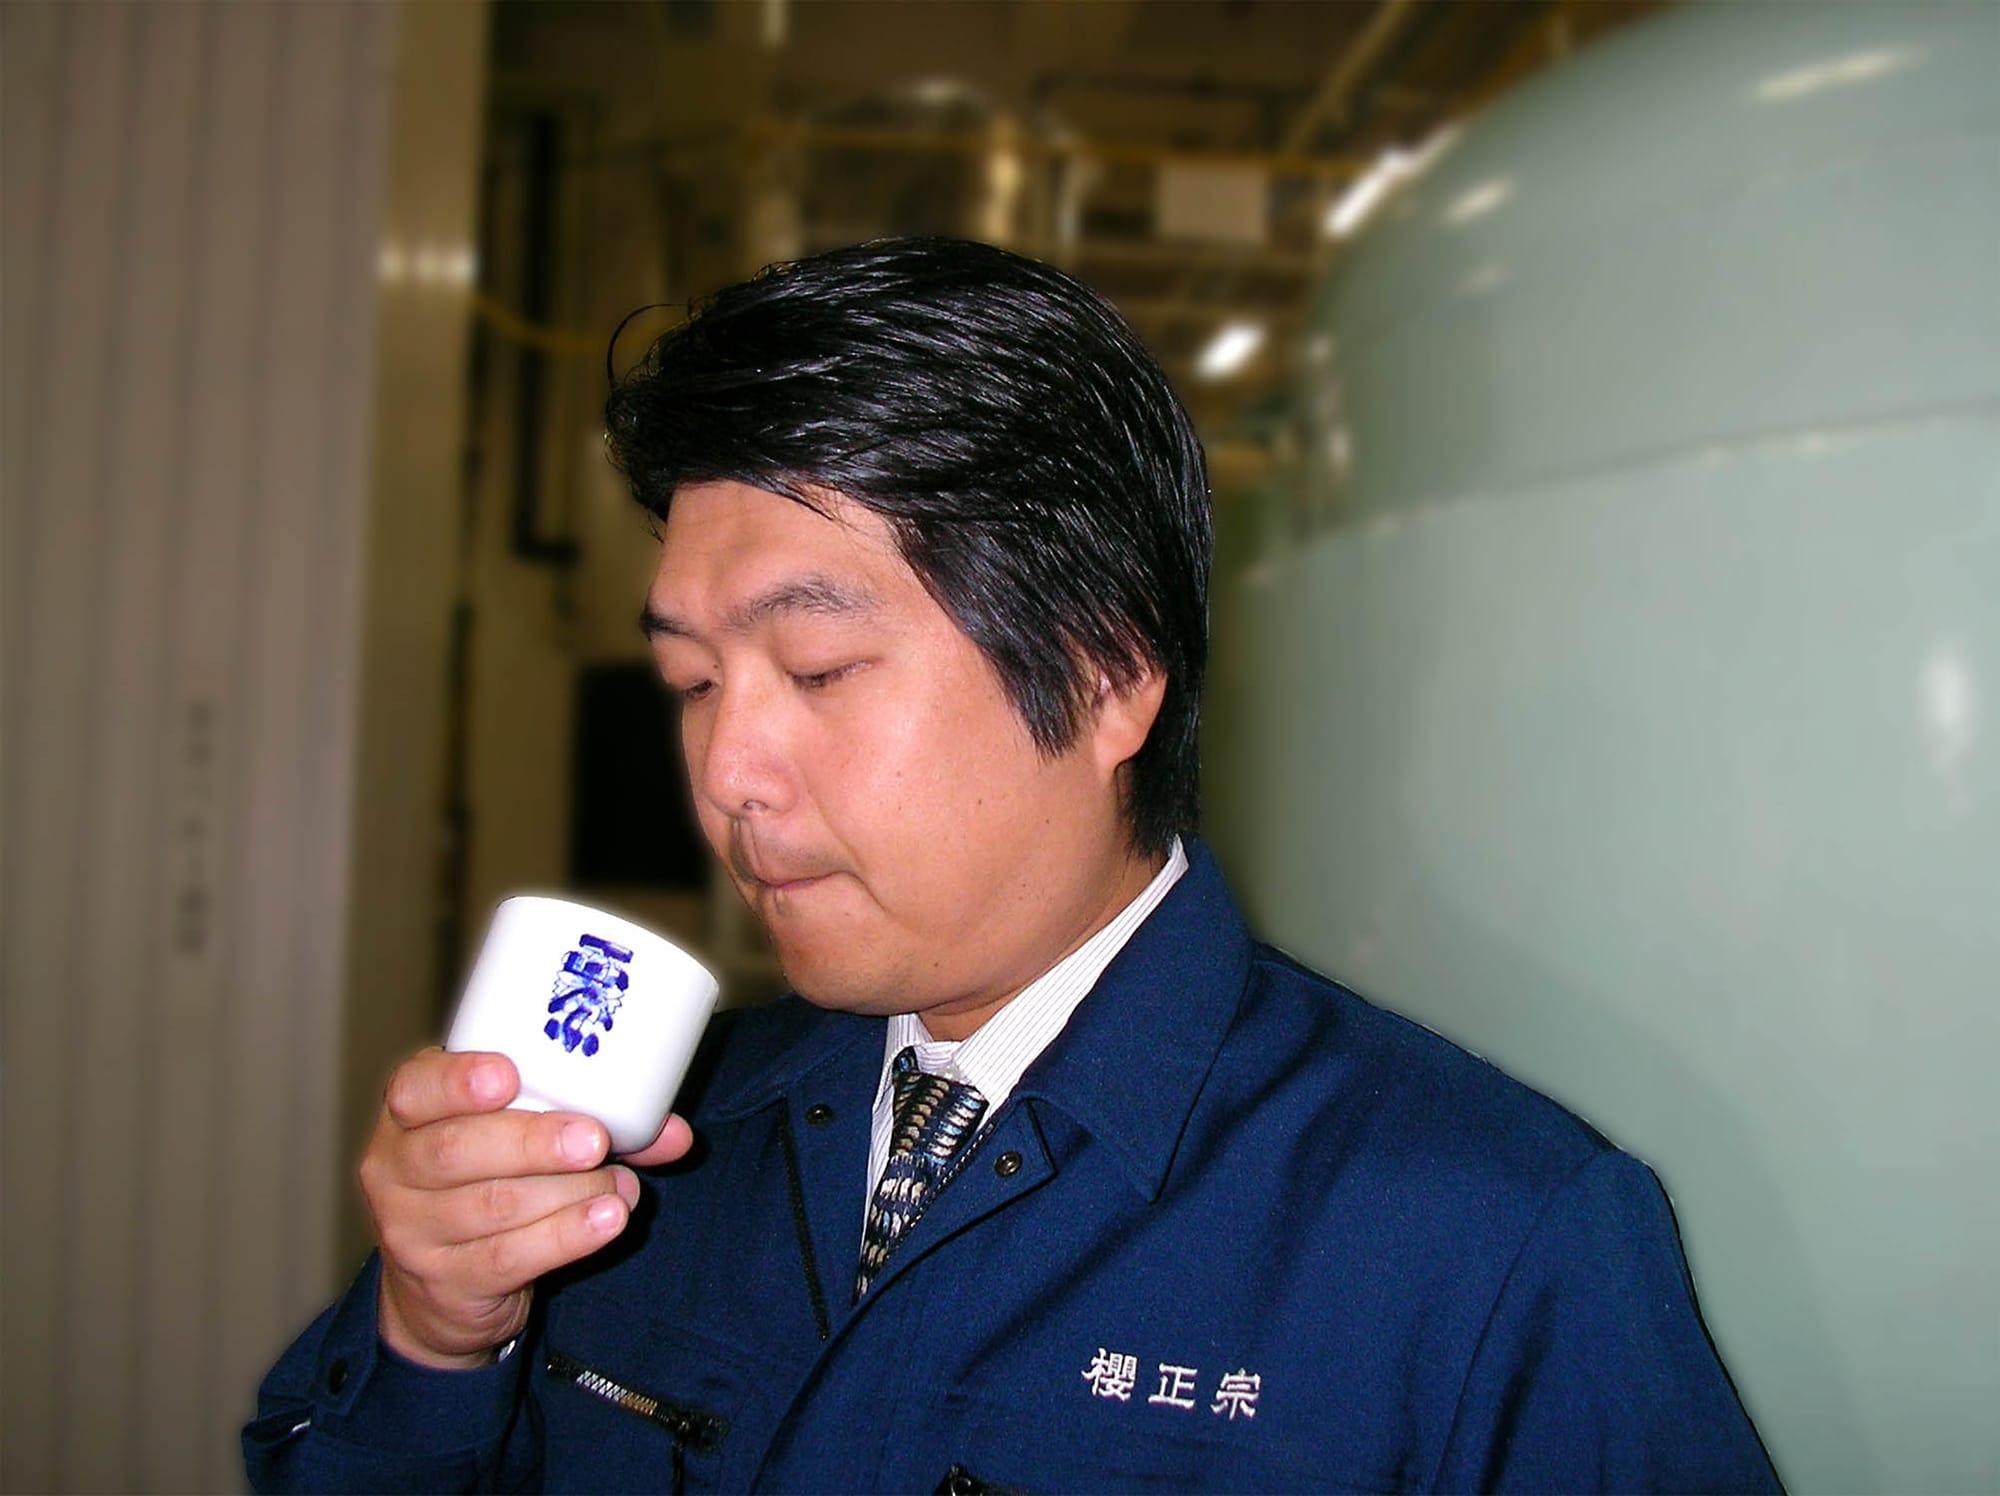 「櫻正宗は、魚崎の地酒という位置づけで考えていきたいですね。そして技を高め、品質を極めたい」と意気込む十一代目。食中酒として料理に合う酒造りを心がけているという。